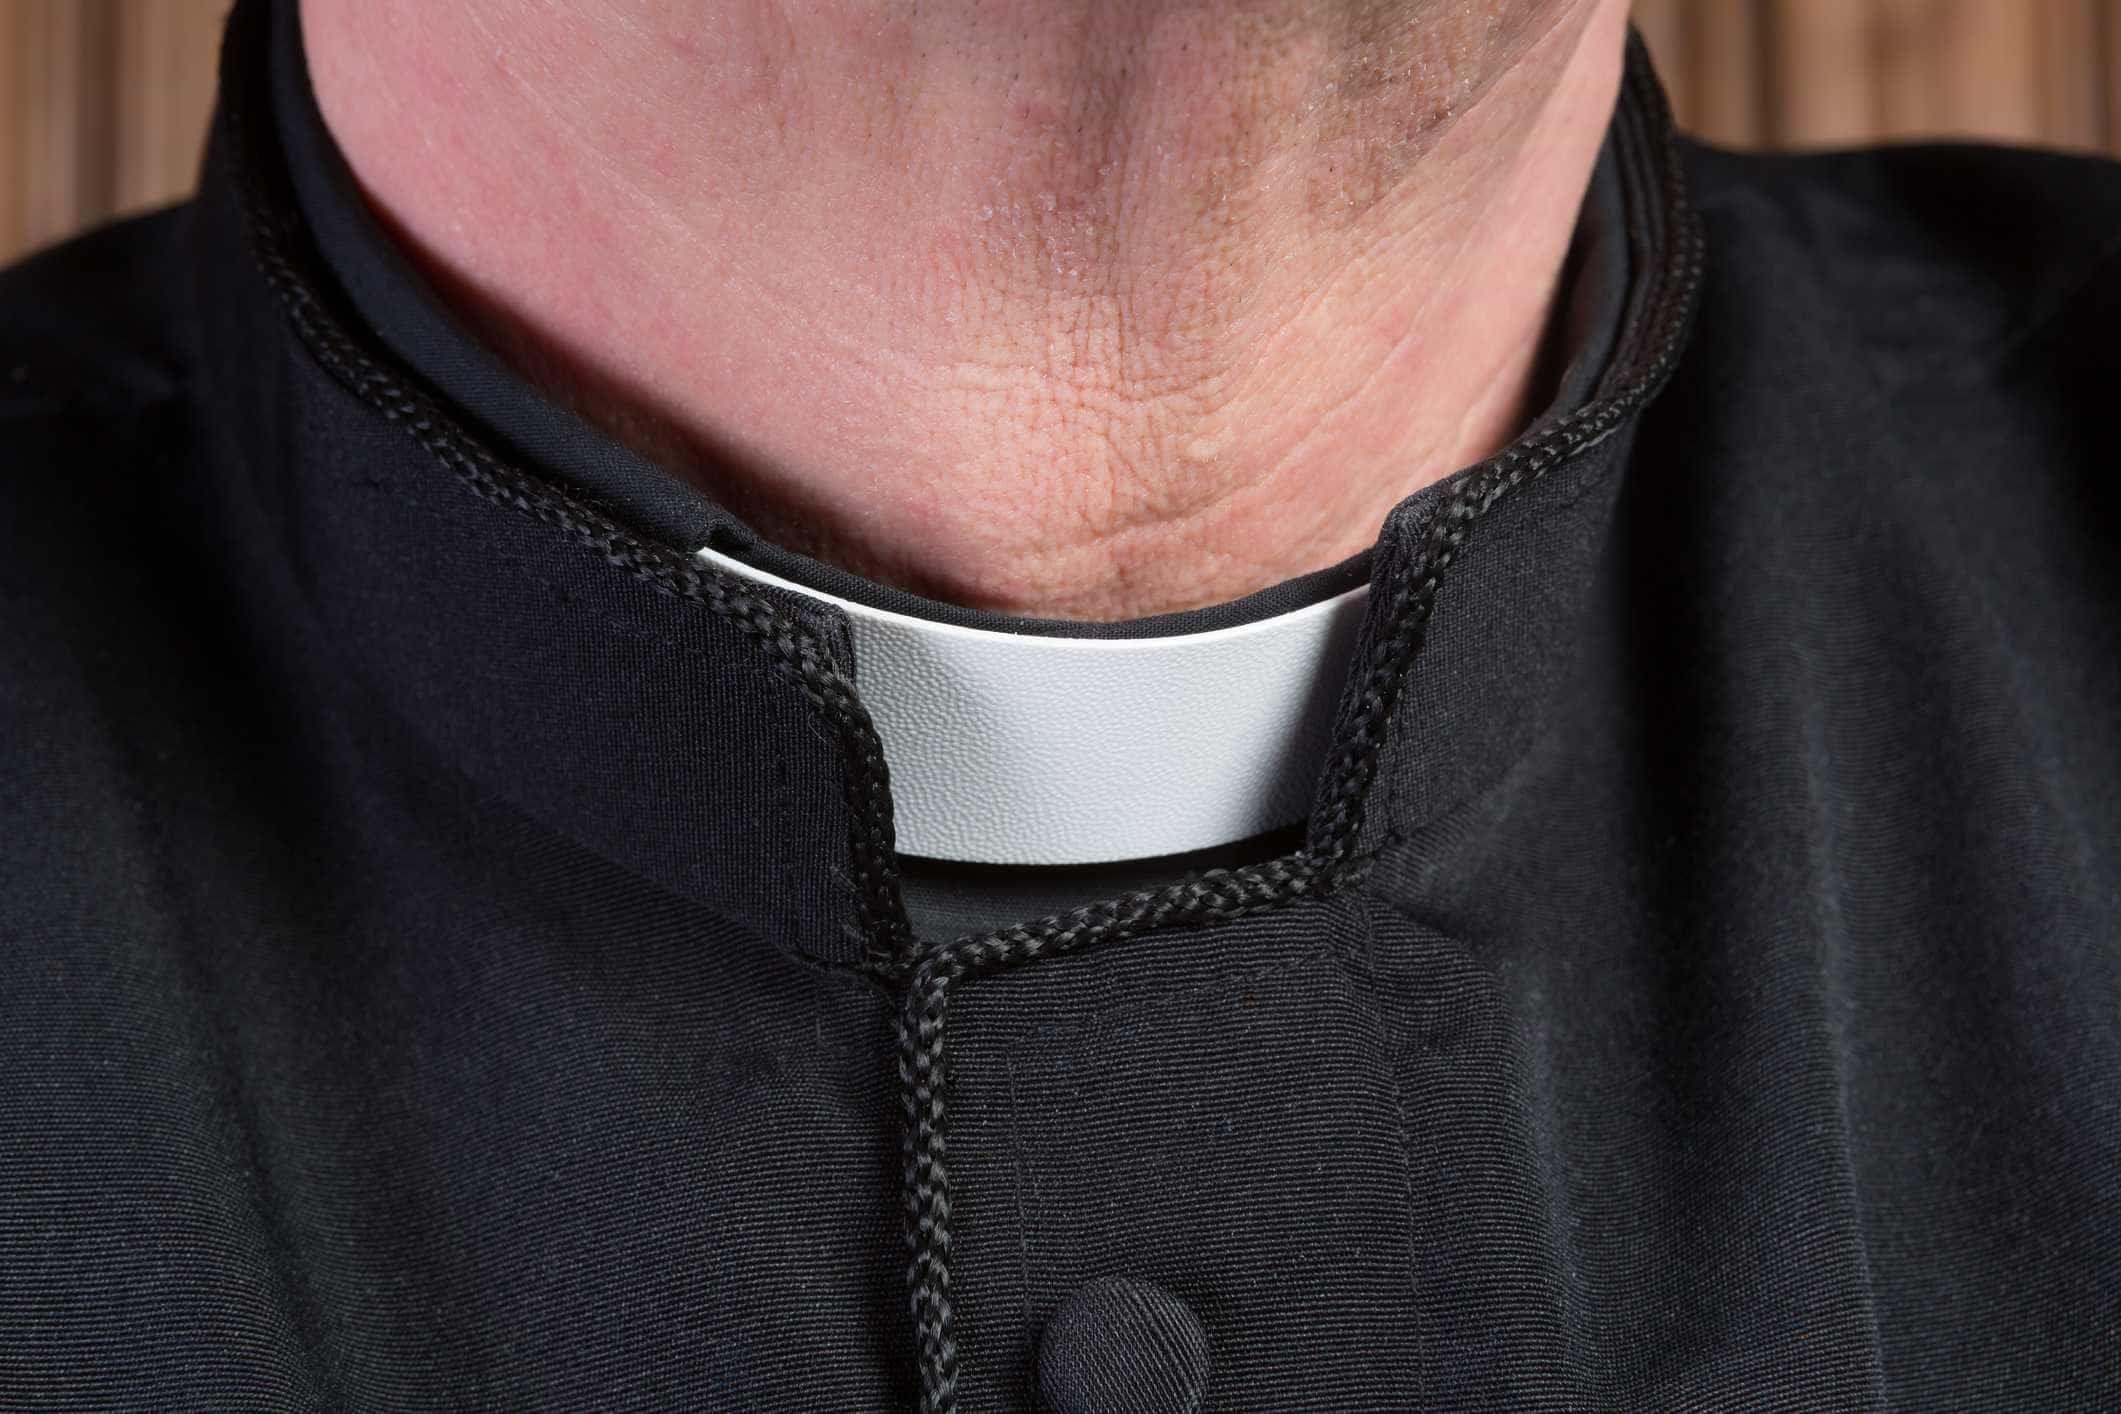 O padre de Cádiz foi-se embora de repente porque nunca chegou a ser padre